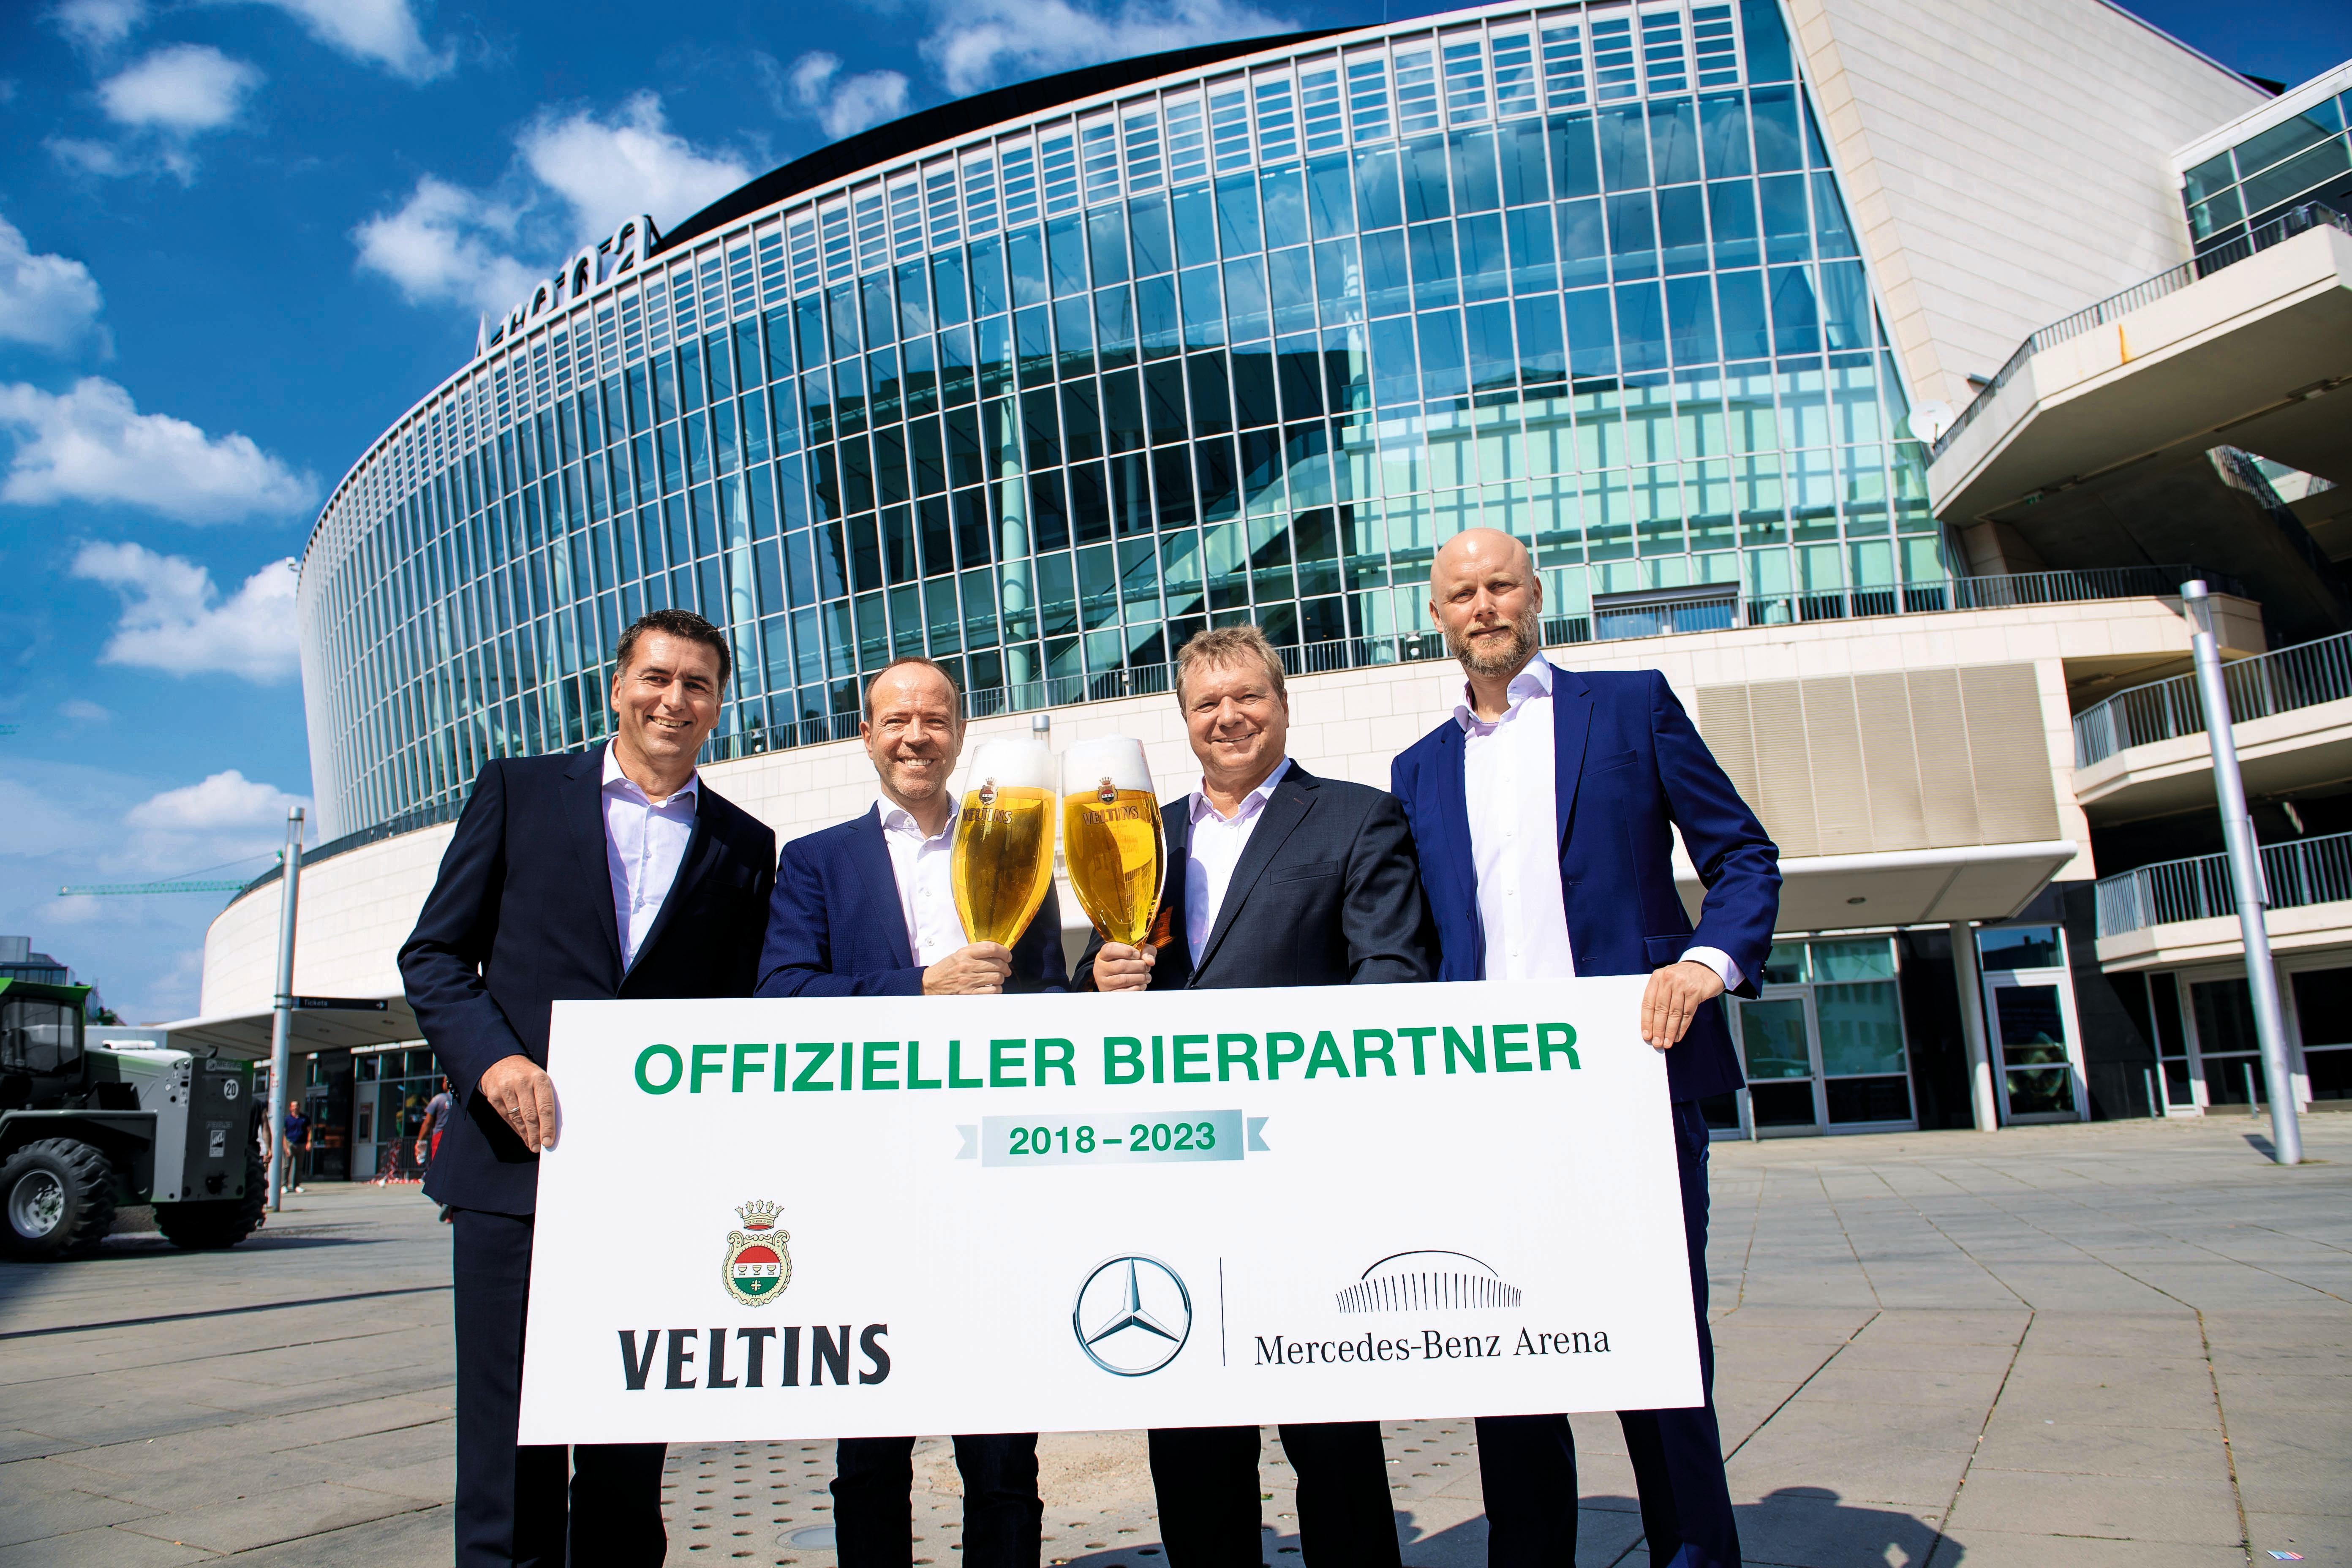 ▷ Mercedes-Benz Arena serviert frisches Veltins   Presseportal